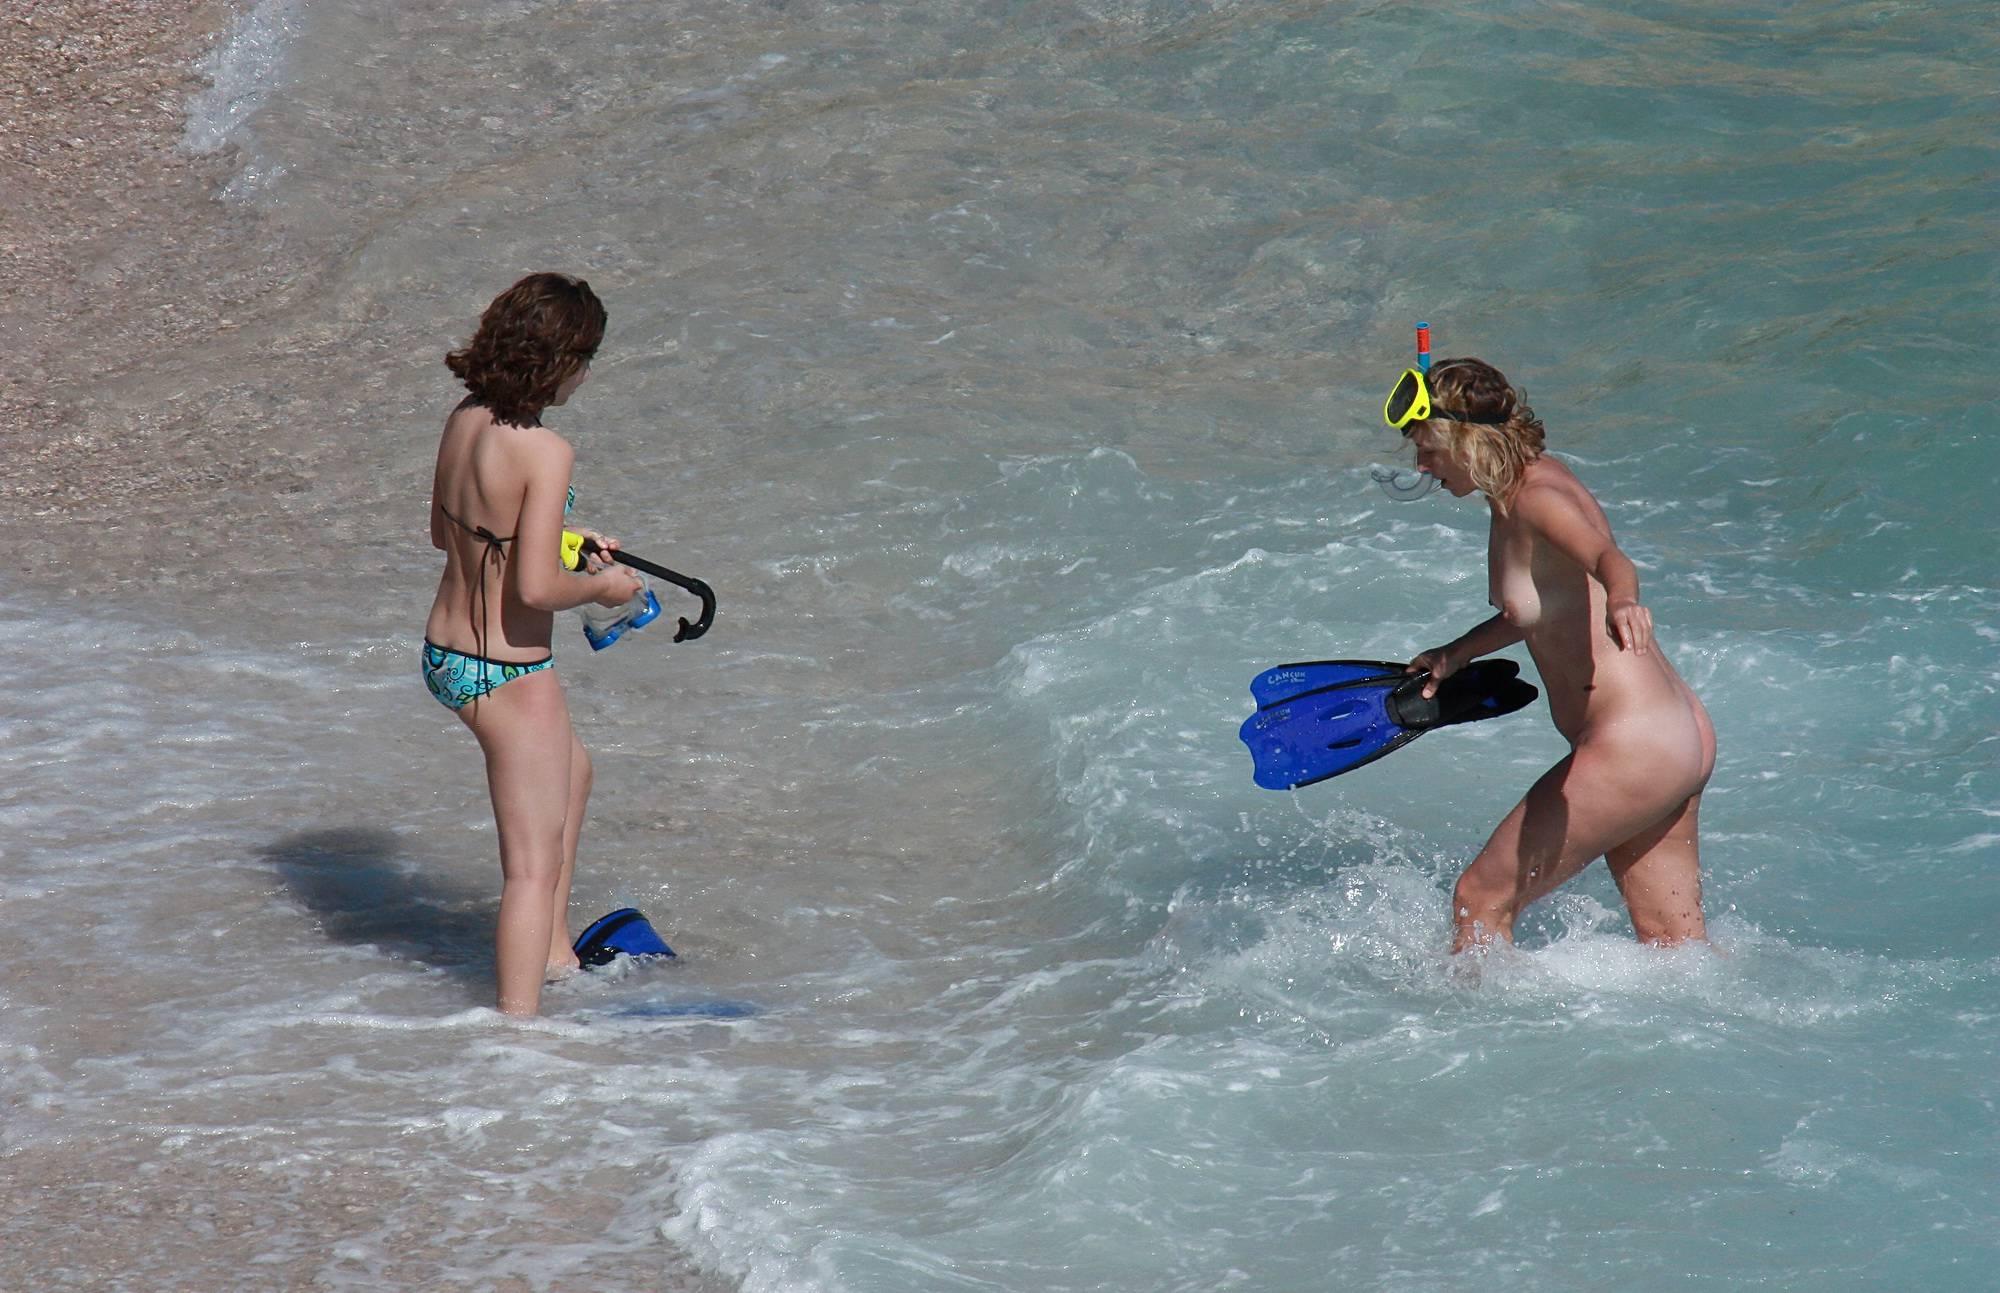 Nudist Gallery Snorkeling For Treasures - 1